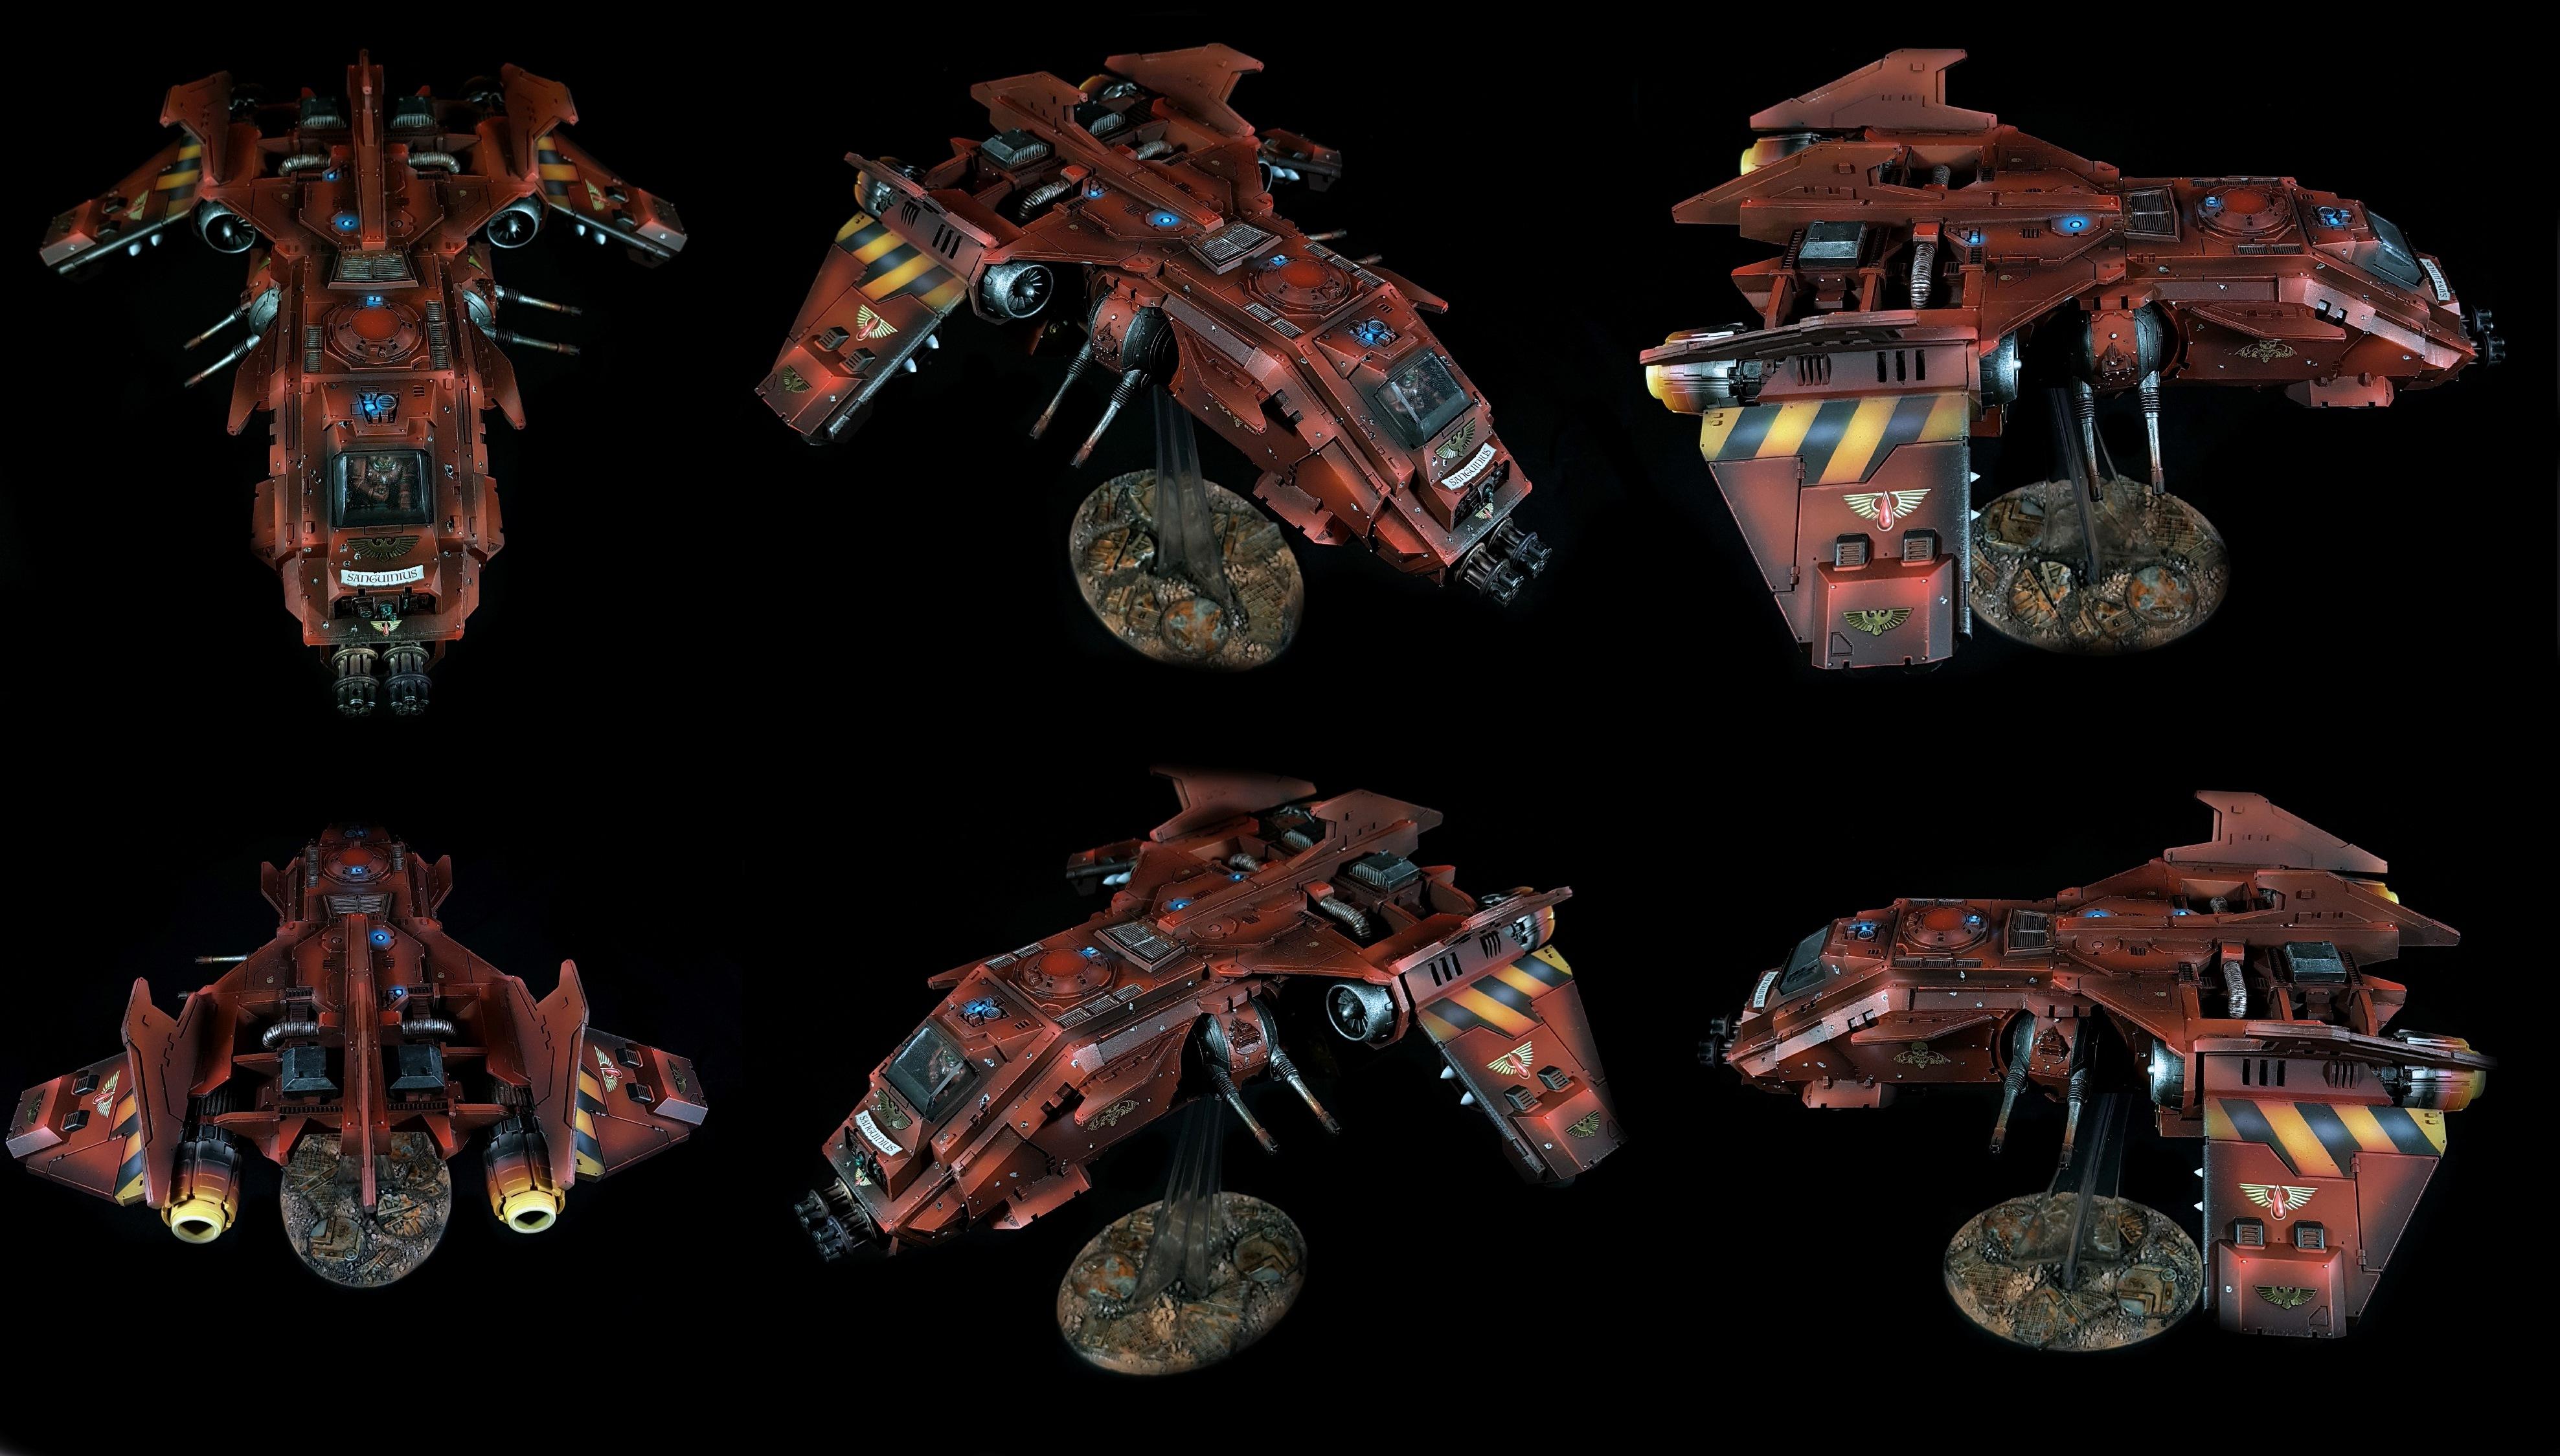 Fire Raptor Blood Angels Warhammer 40K